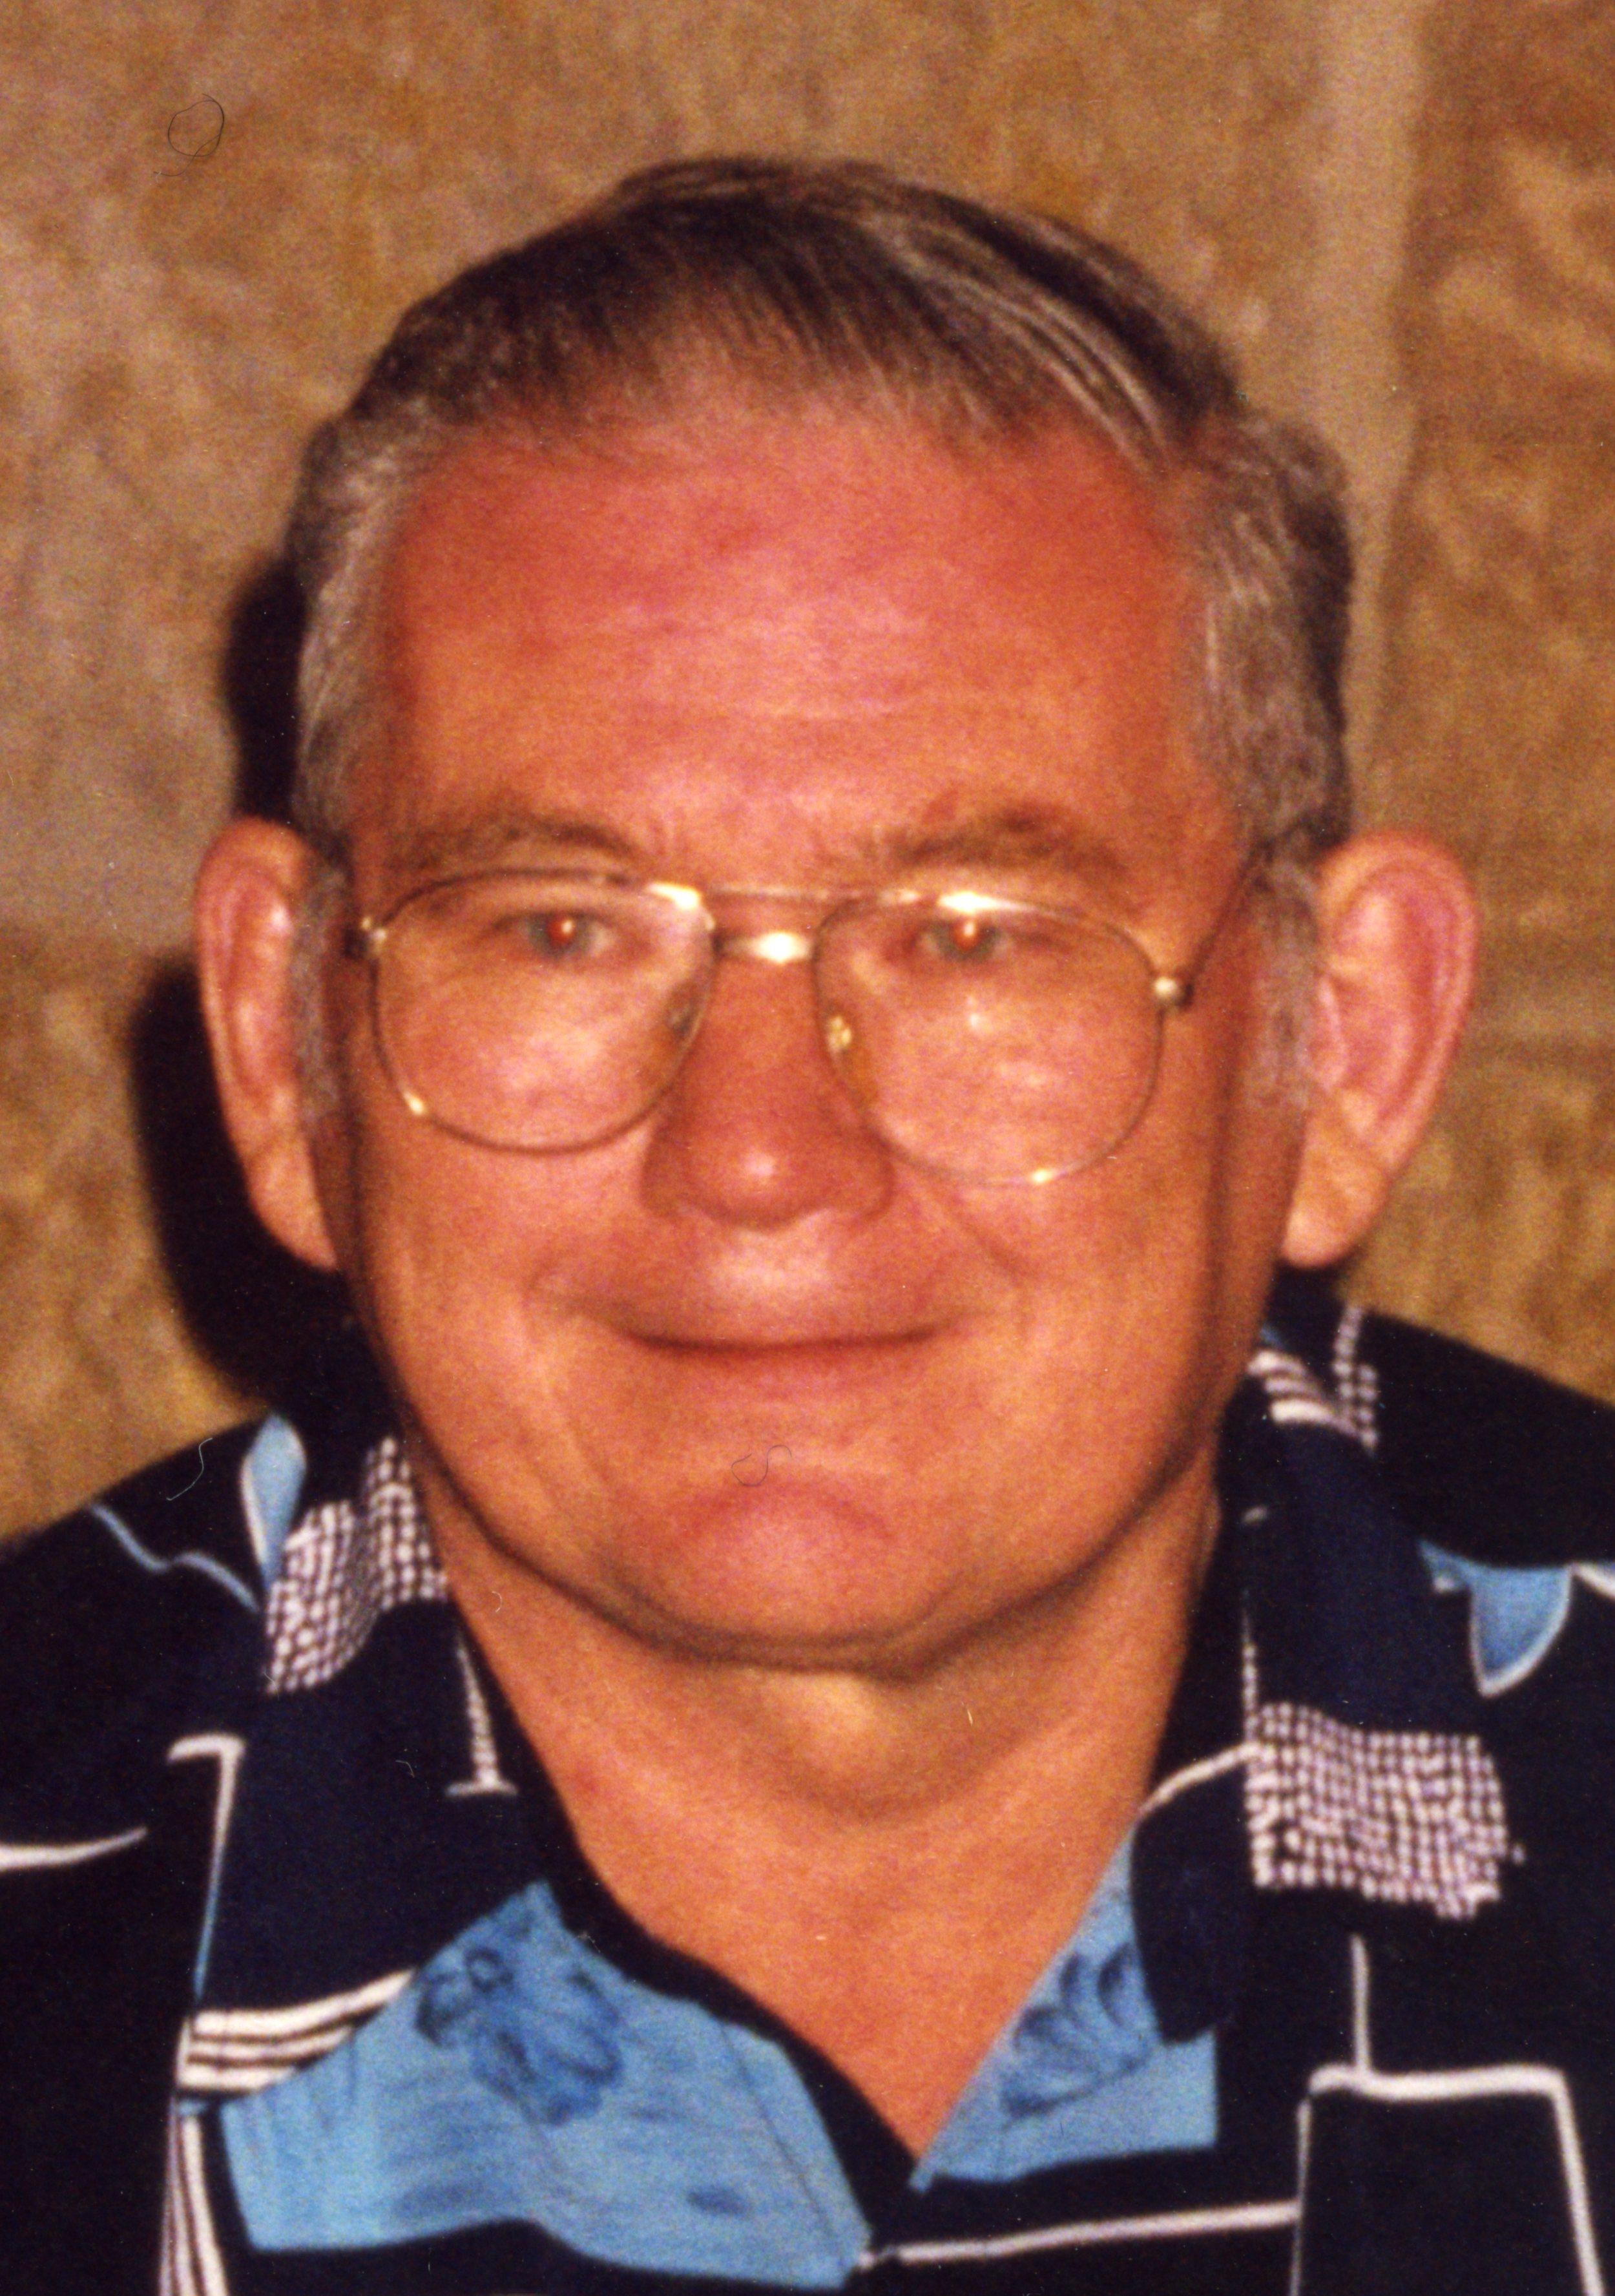 Paul Briscoe